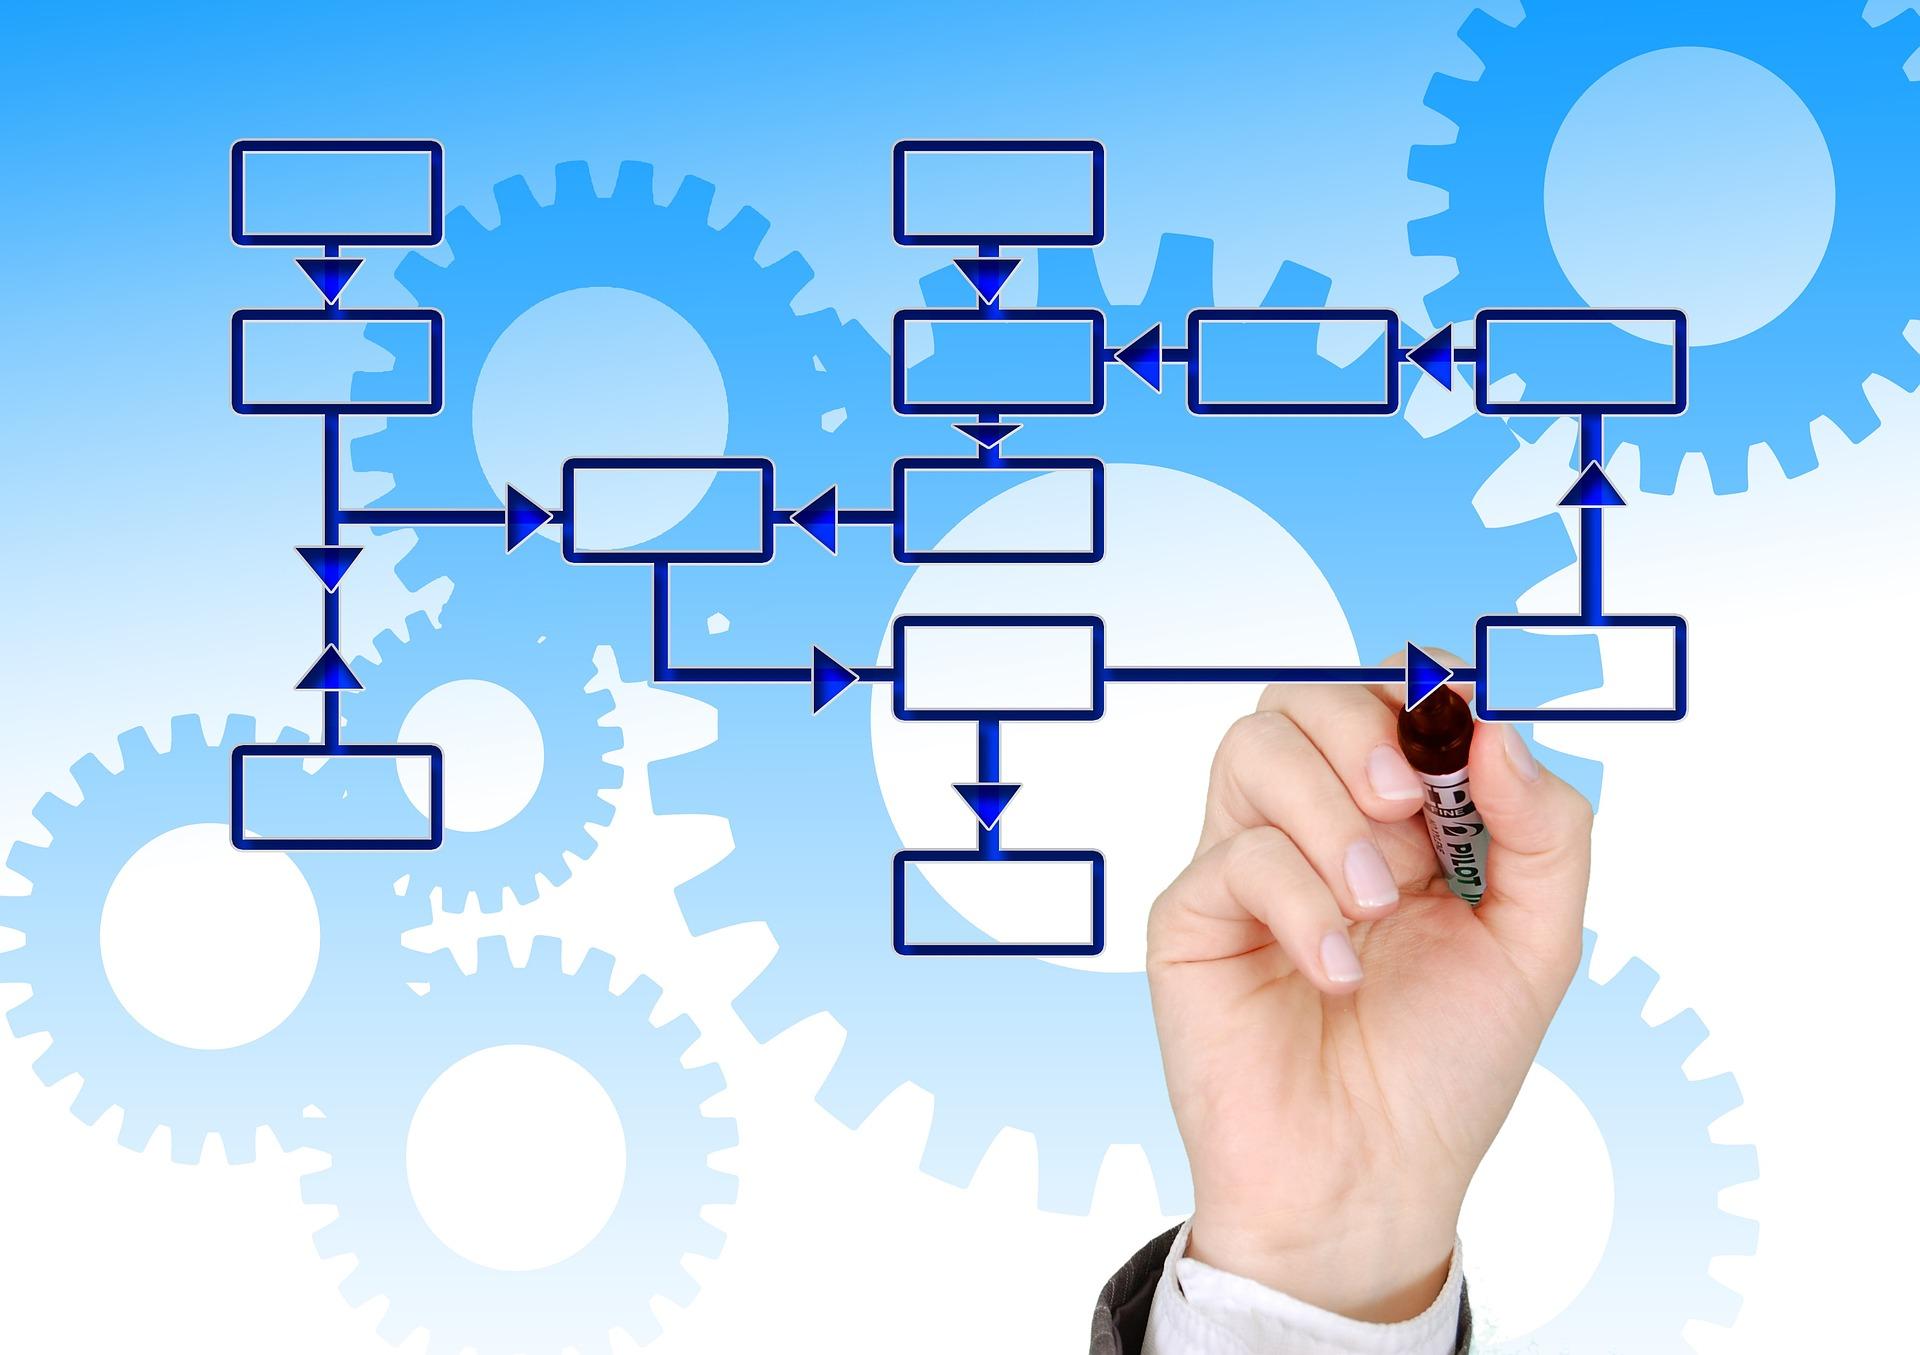 Gestión de proyectos, factor clave en el emprendimiento